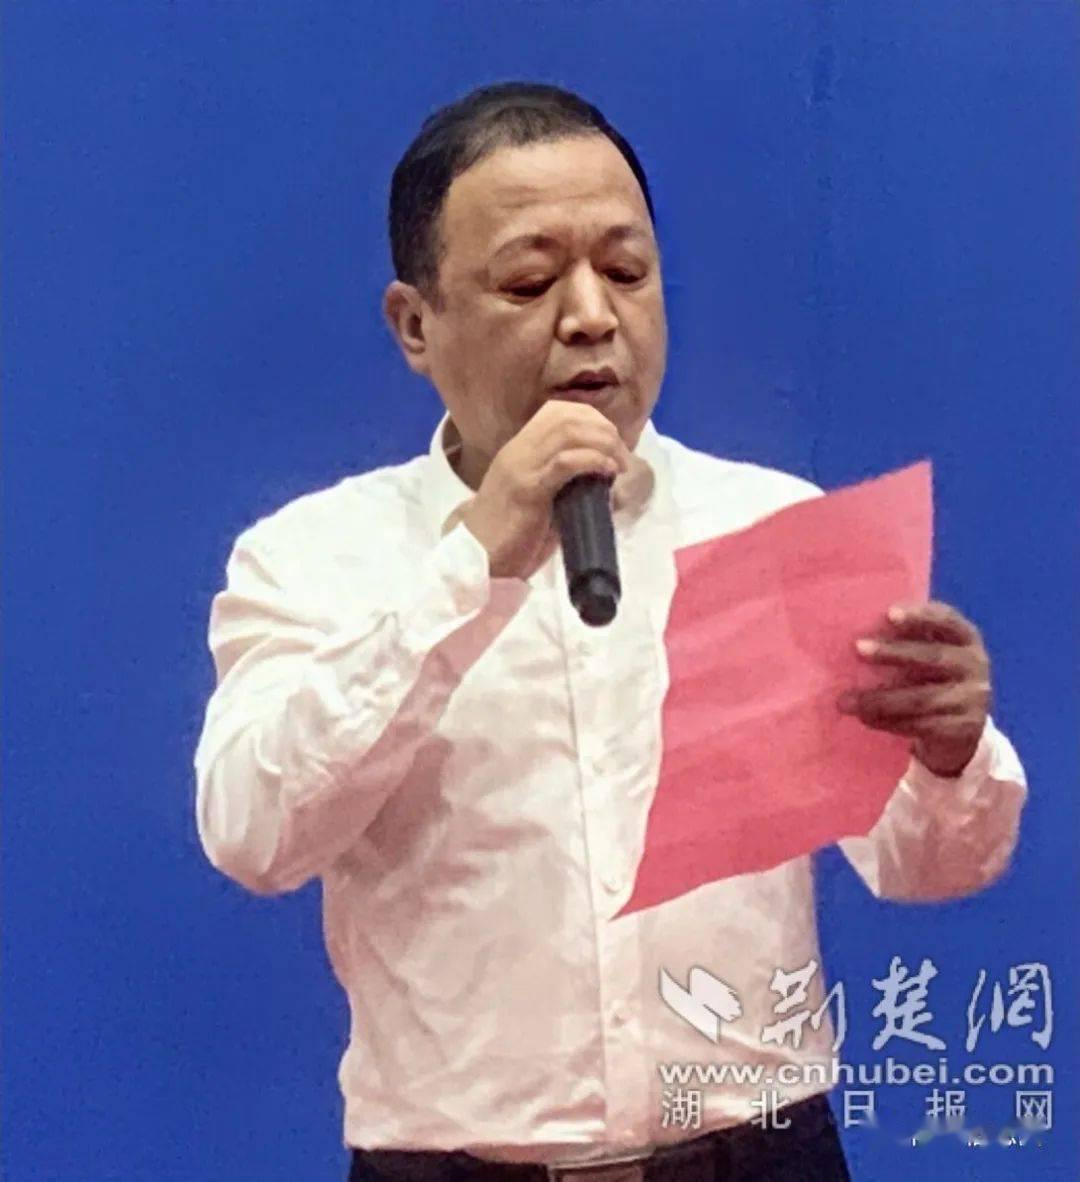 武汉市第十一届运动会成年人乒乓球比赛在新洲开幕